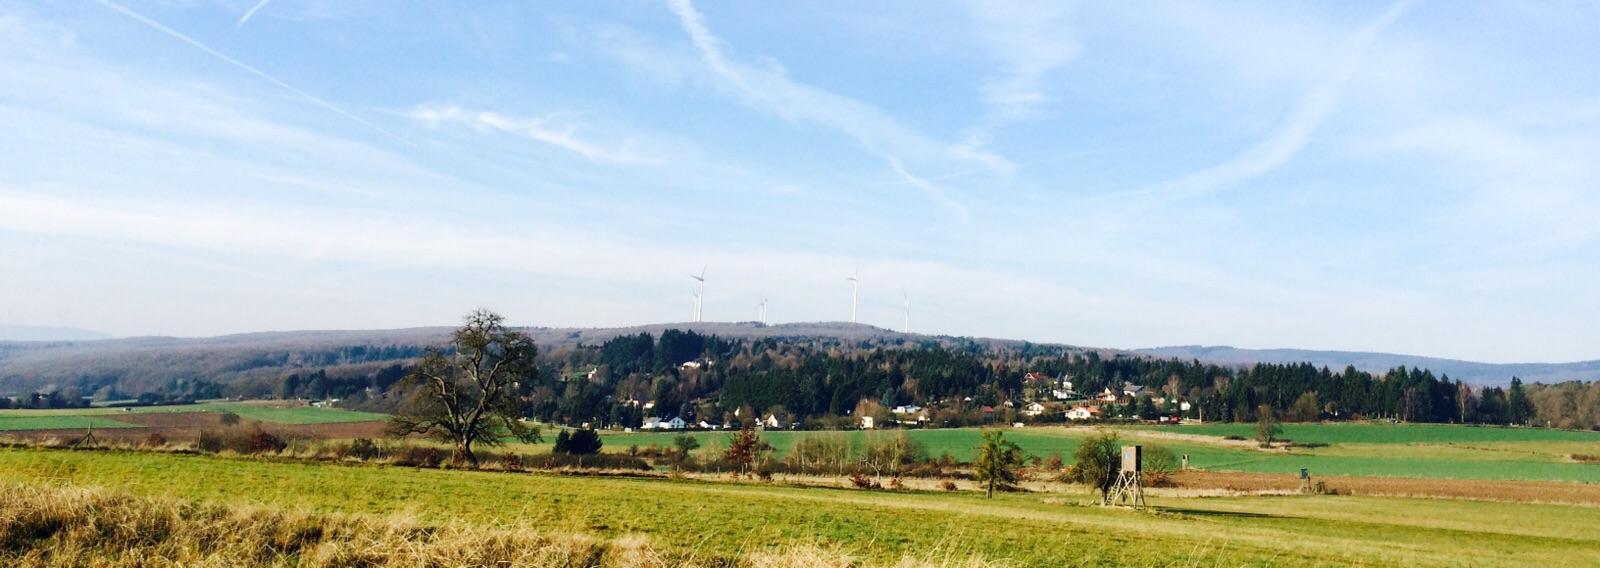 Wochenendgebiet Waldalgesheim